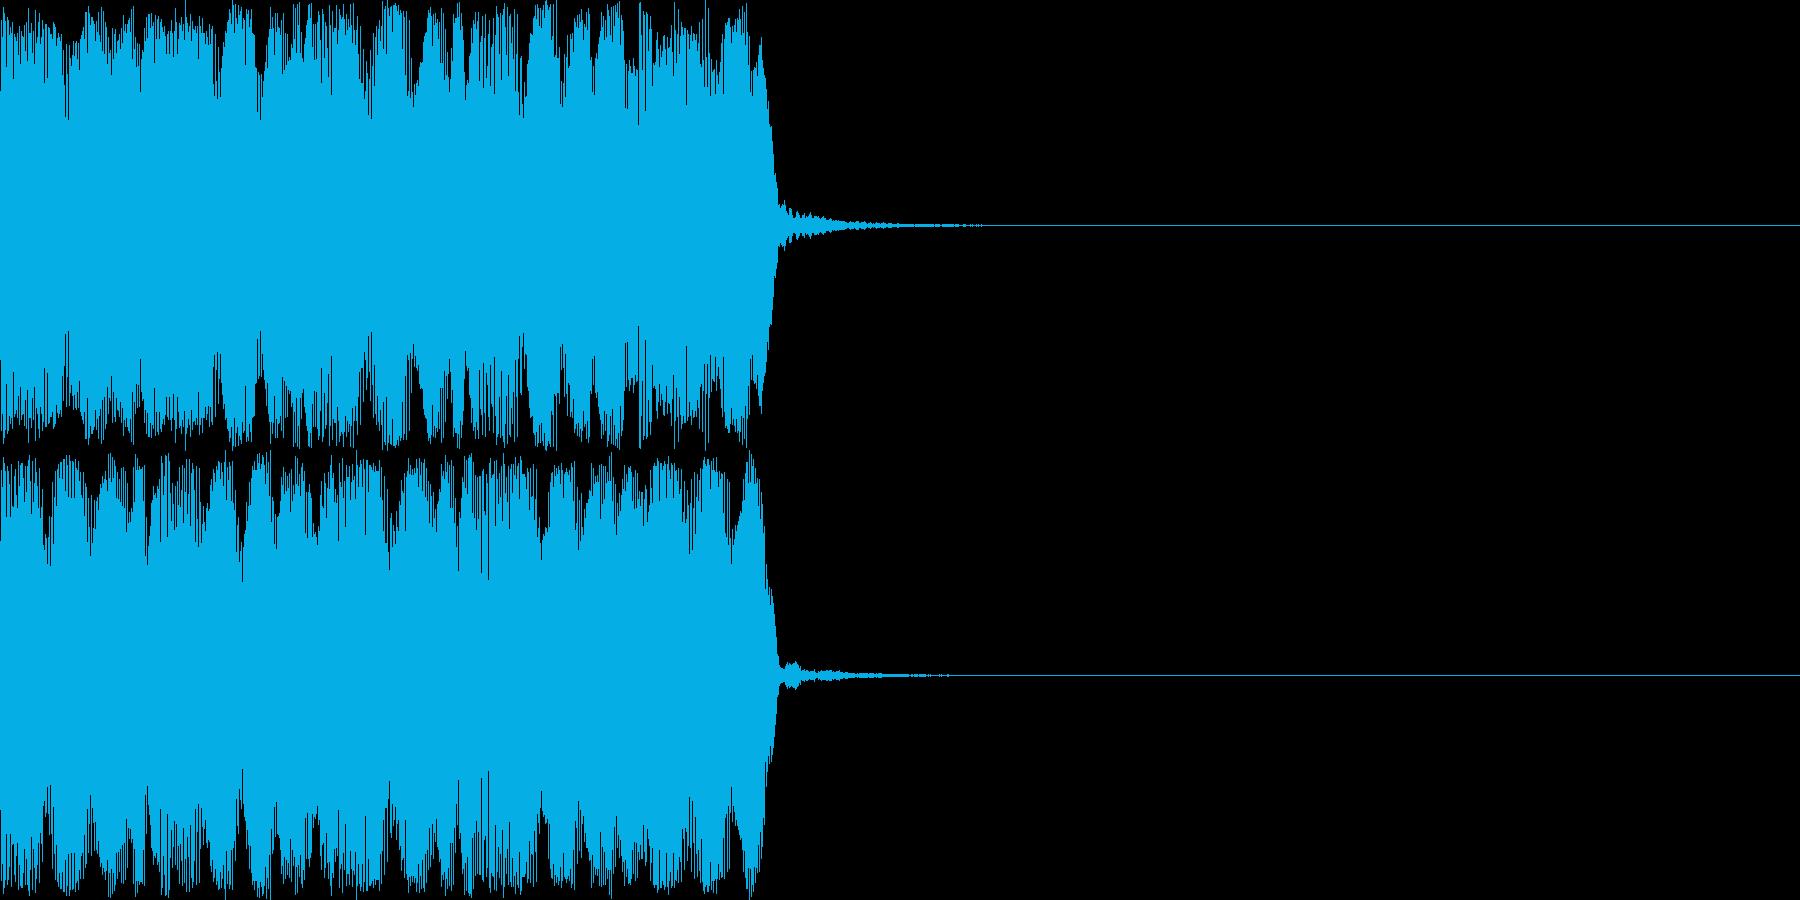 ドューンドューンドューン (避難音)の再生済みの波形